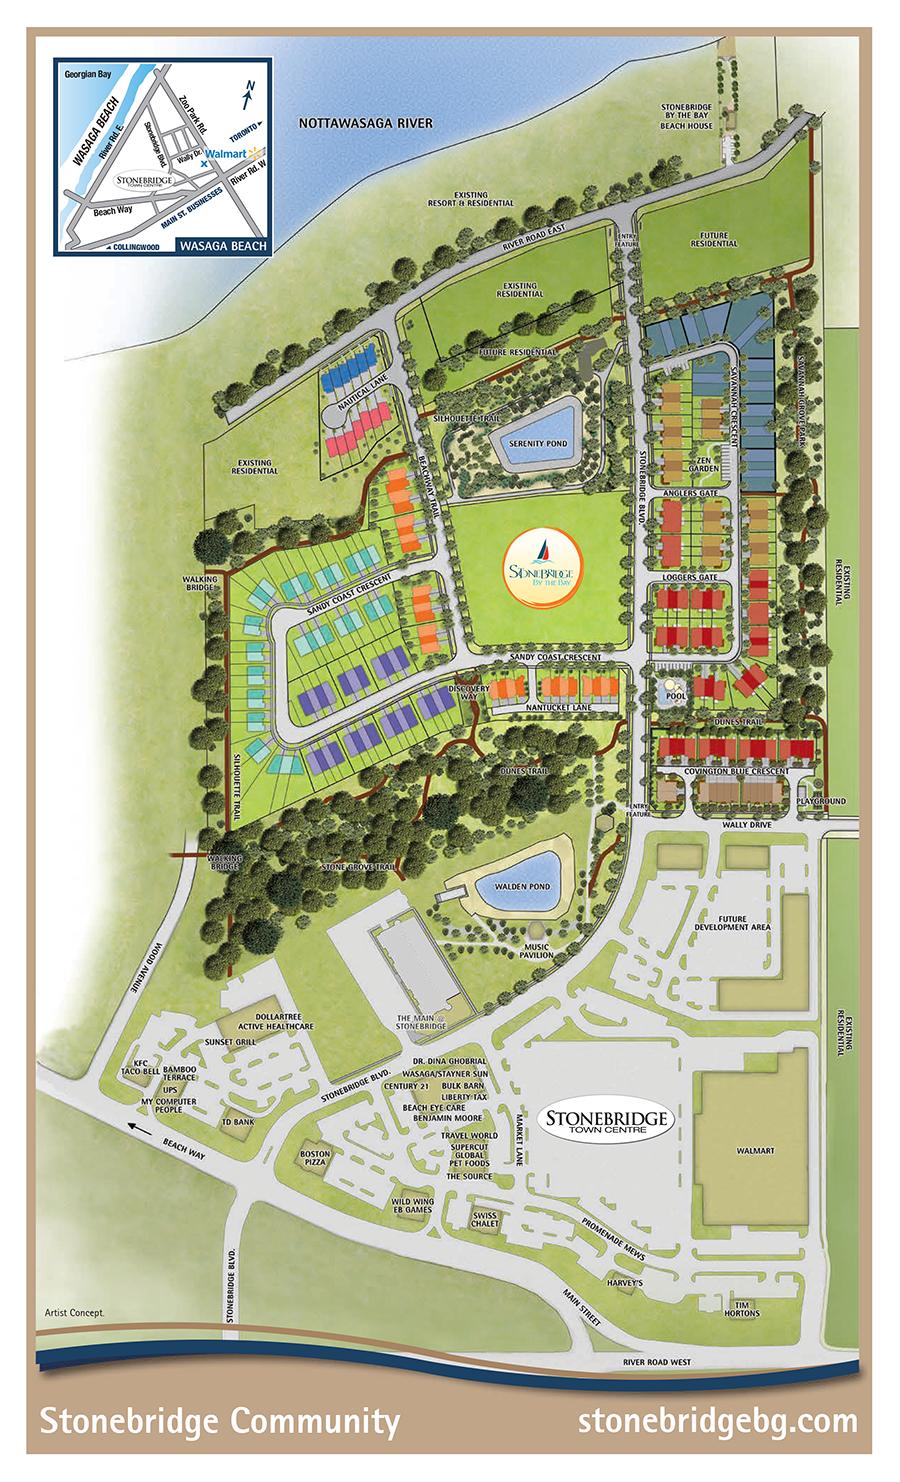 Stonebridge Site Plan